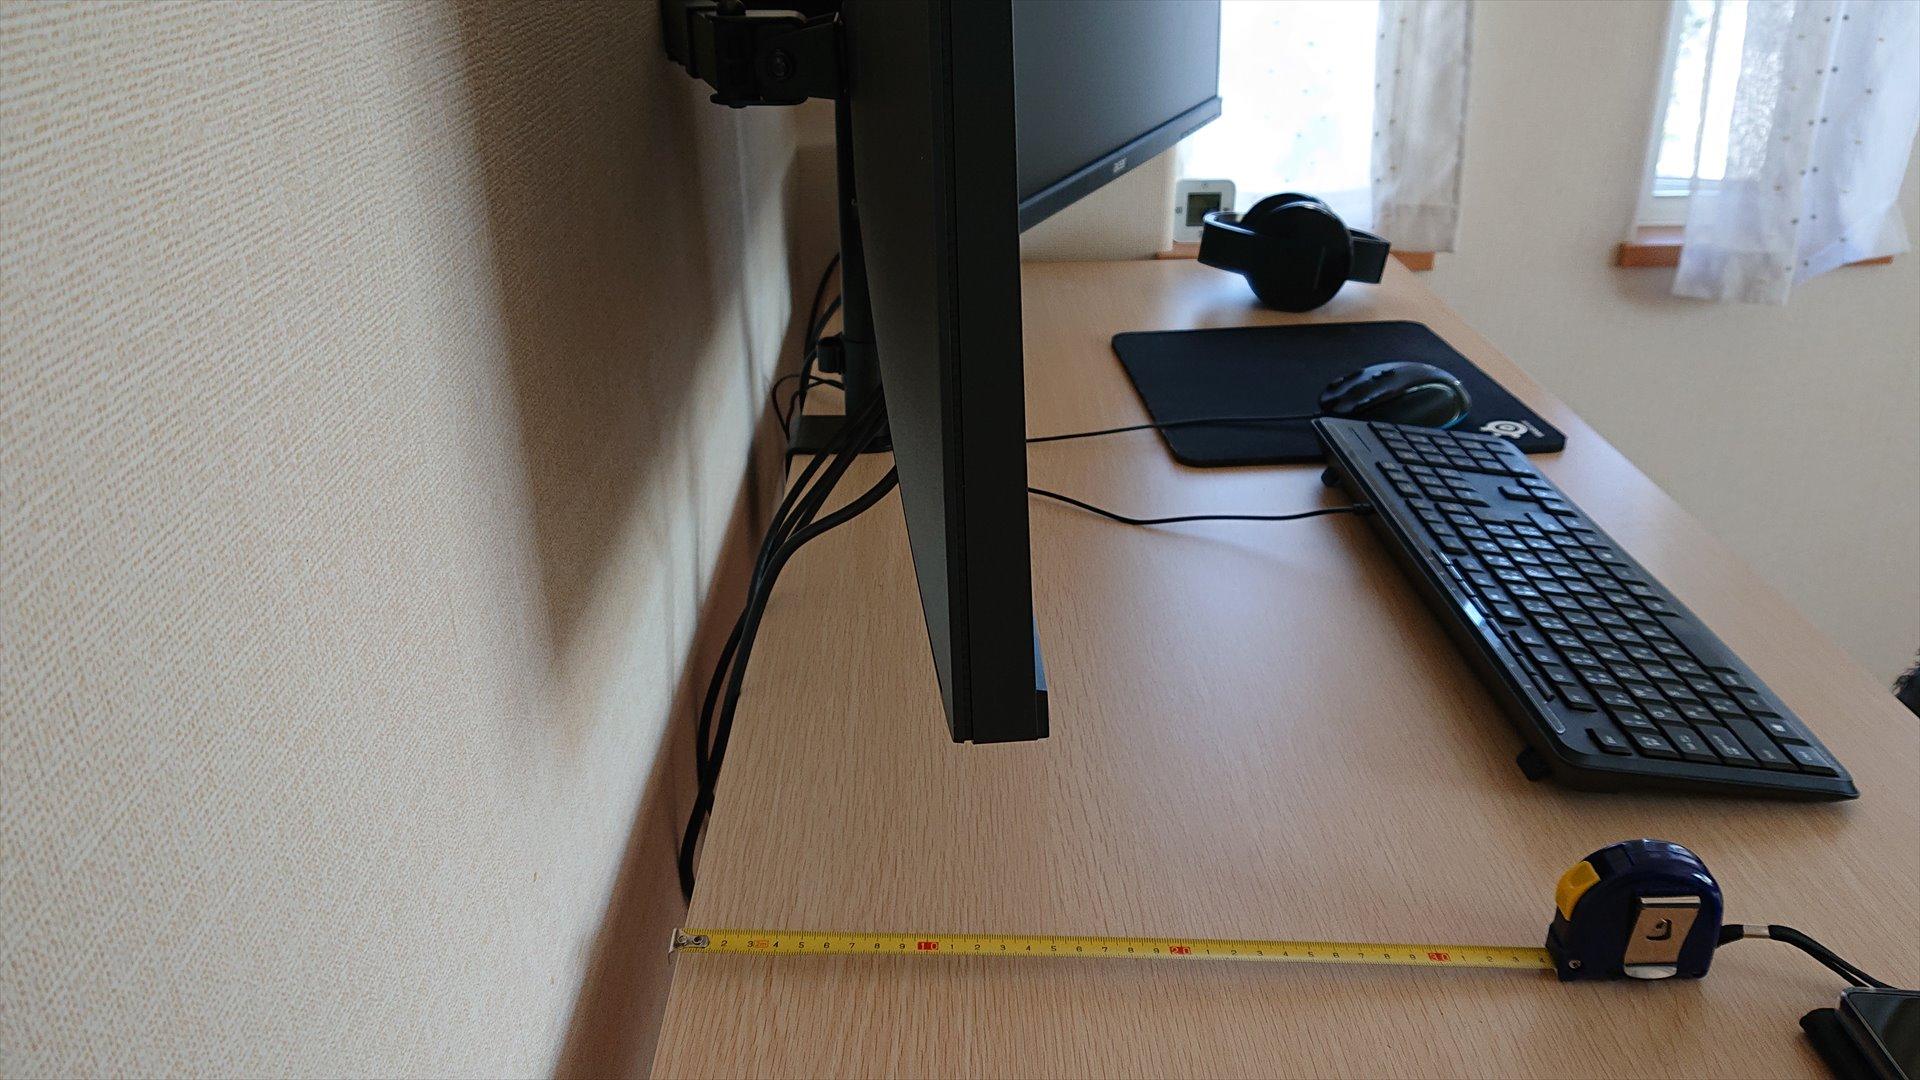 モニターアームを使うと奥行きが約15cmくらいになり、奥行き60cmの机だと27インチモニターがちょうどいい距離になります。